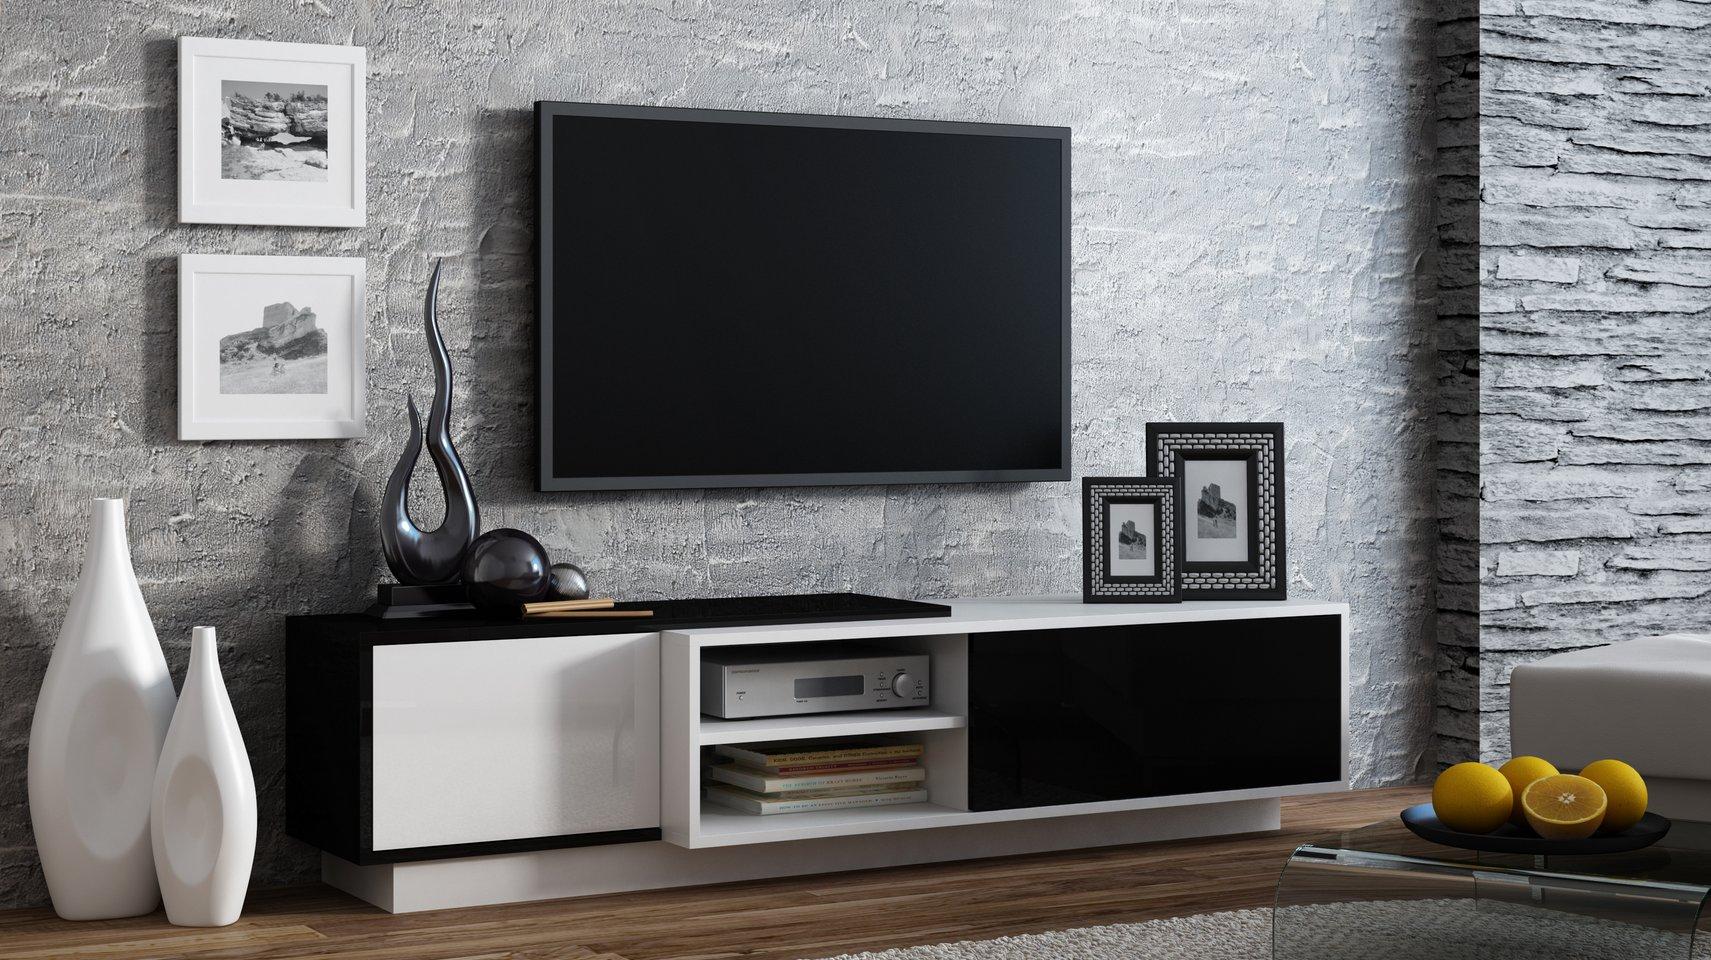 CAMA MEBLE Televízny stolík SIGMA 1 Farba: čierna/biela